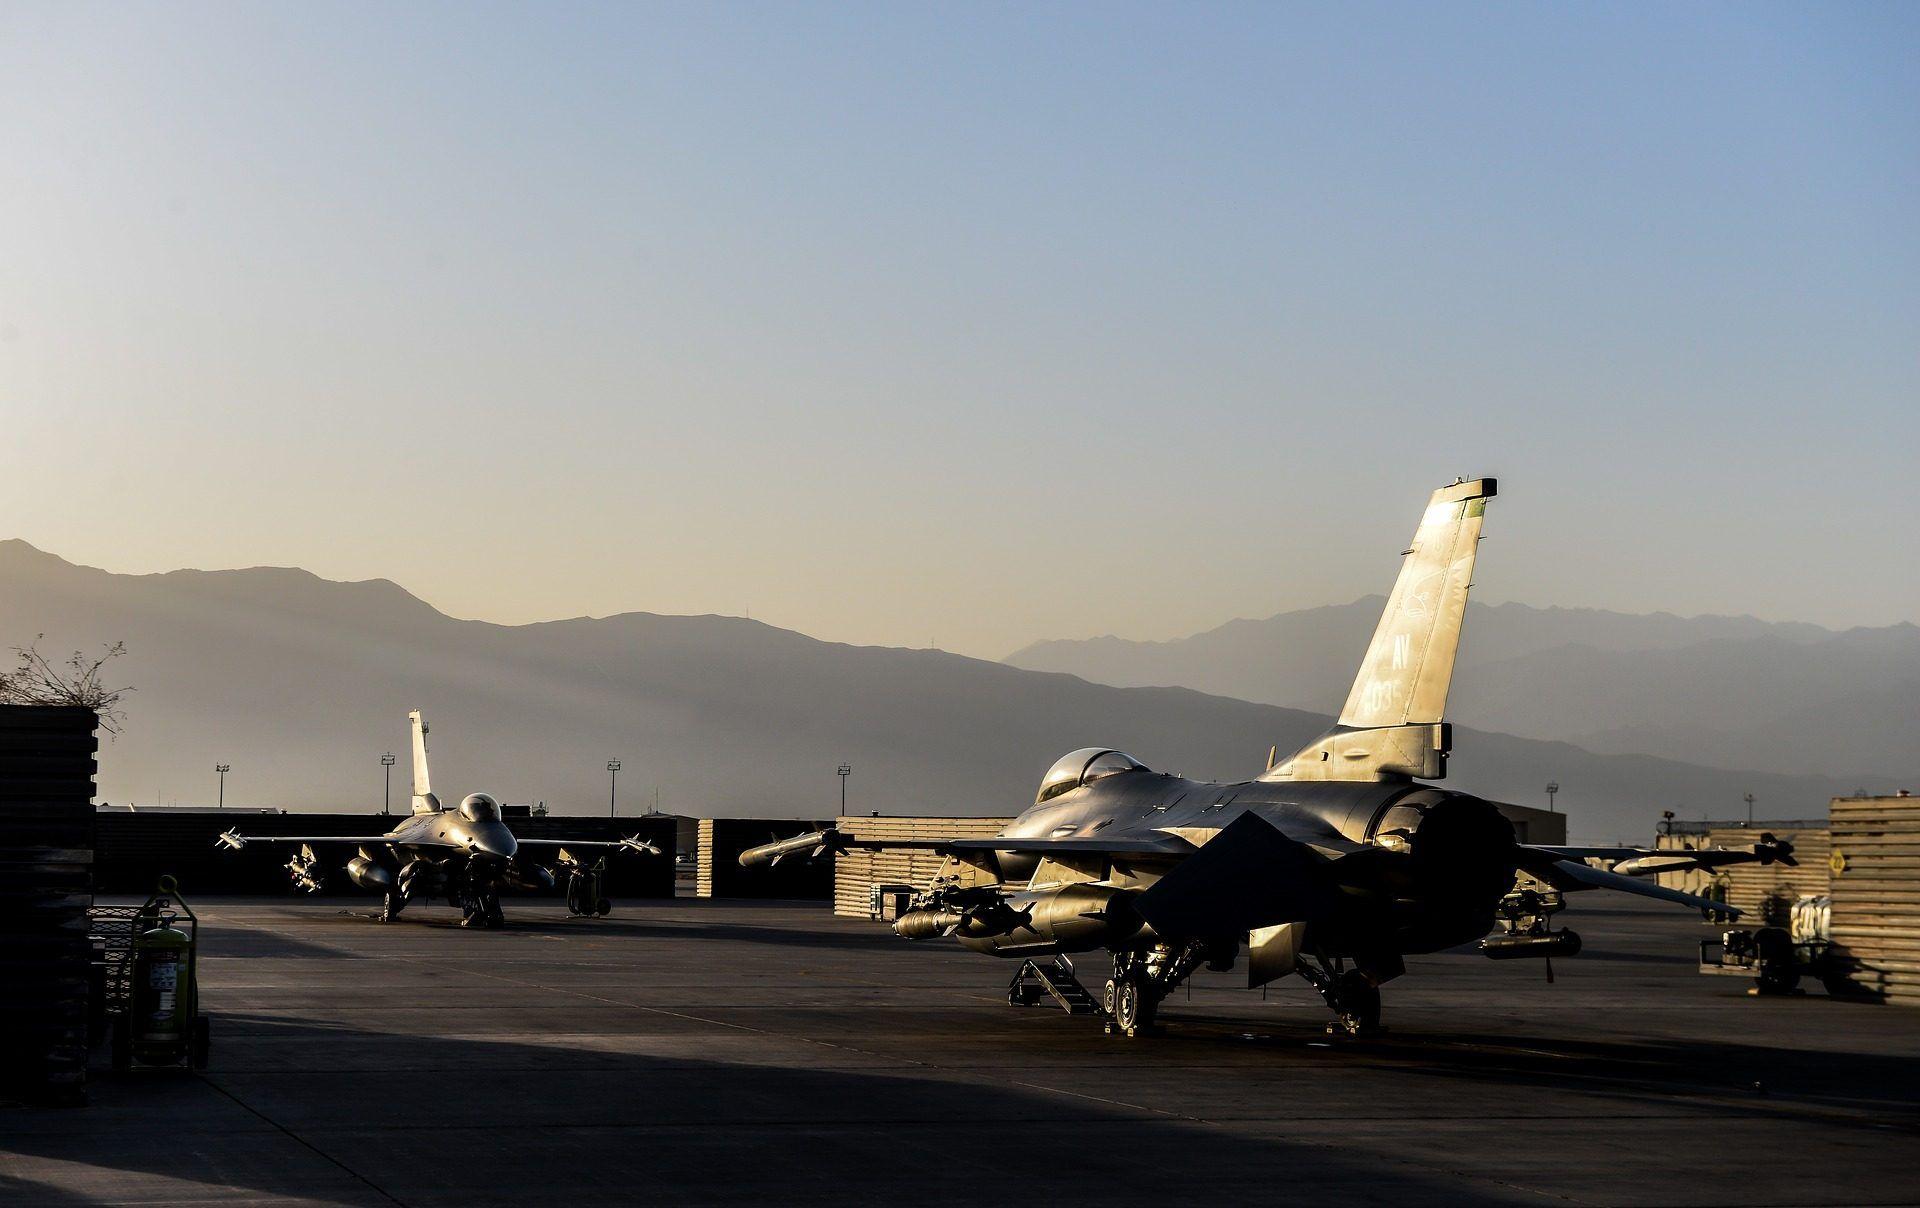 Avion Caza F16 Ejercito Militar 1709292202 Fondos De